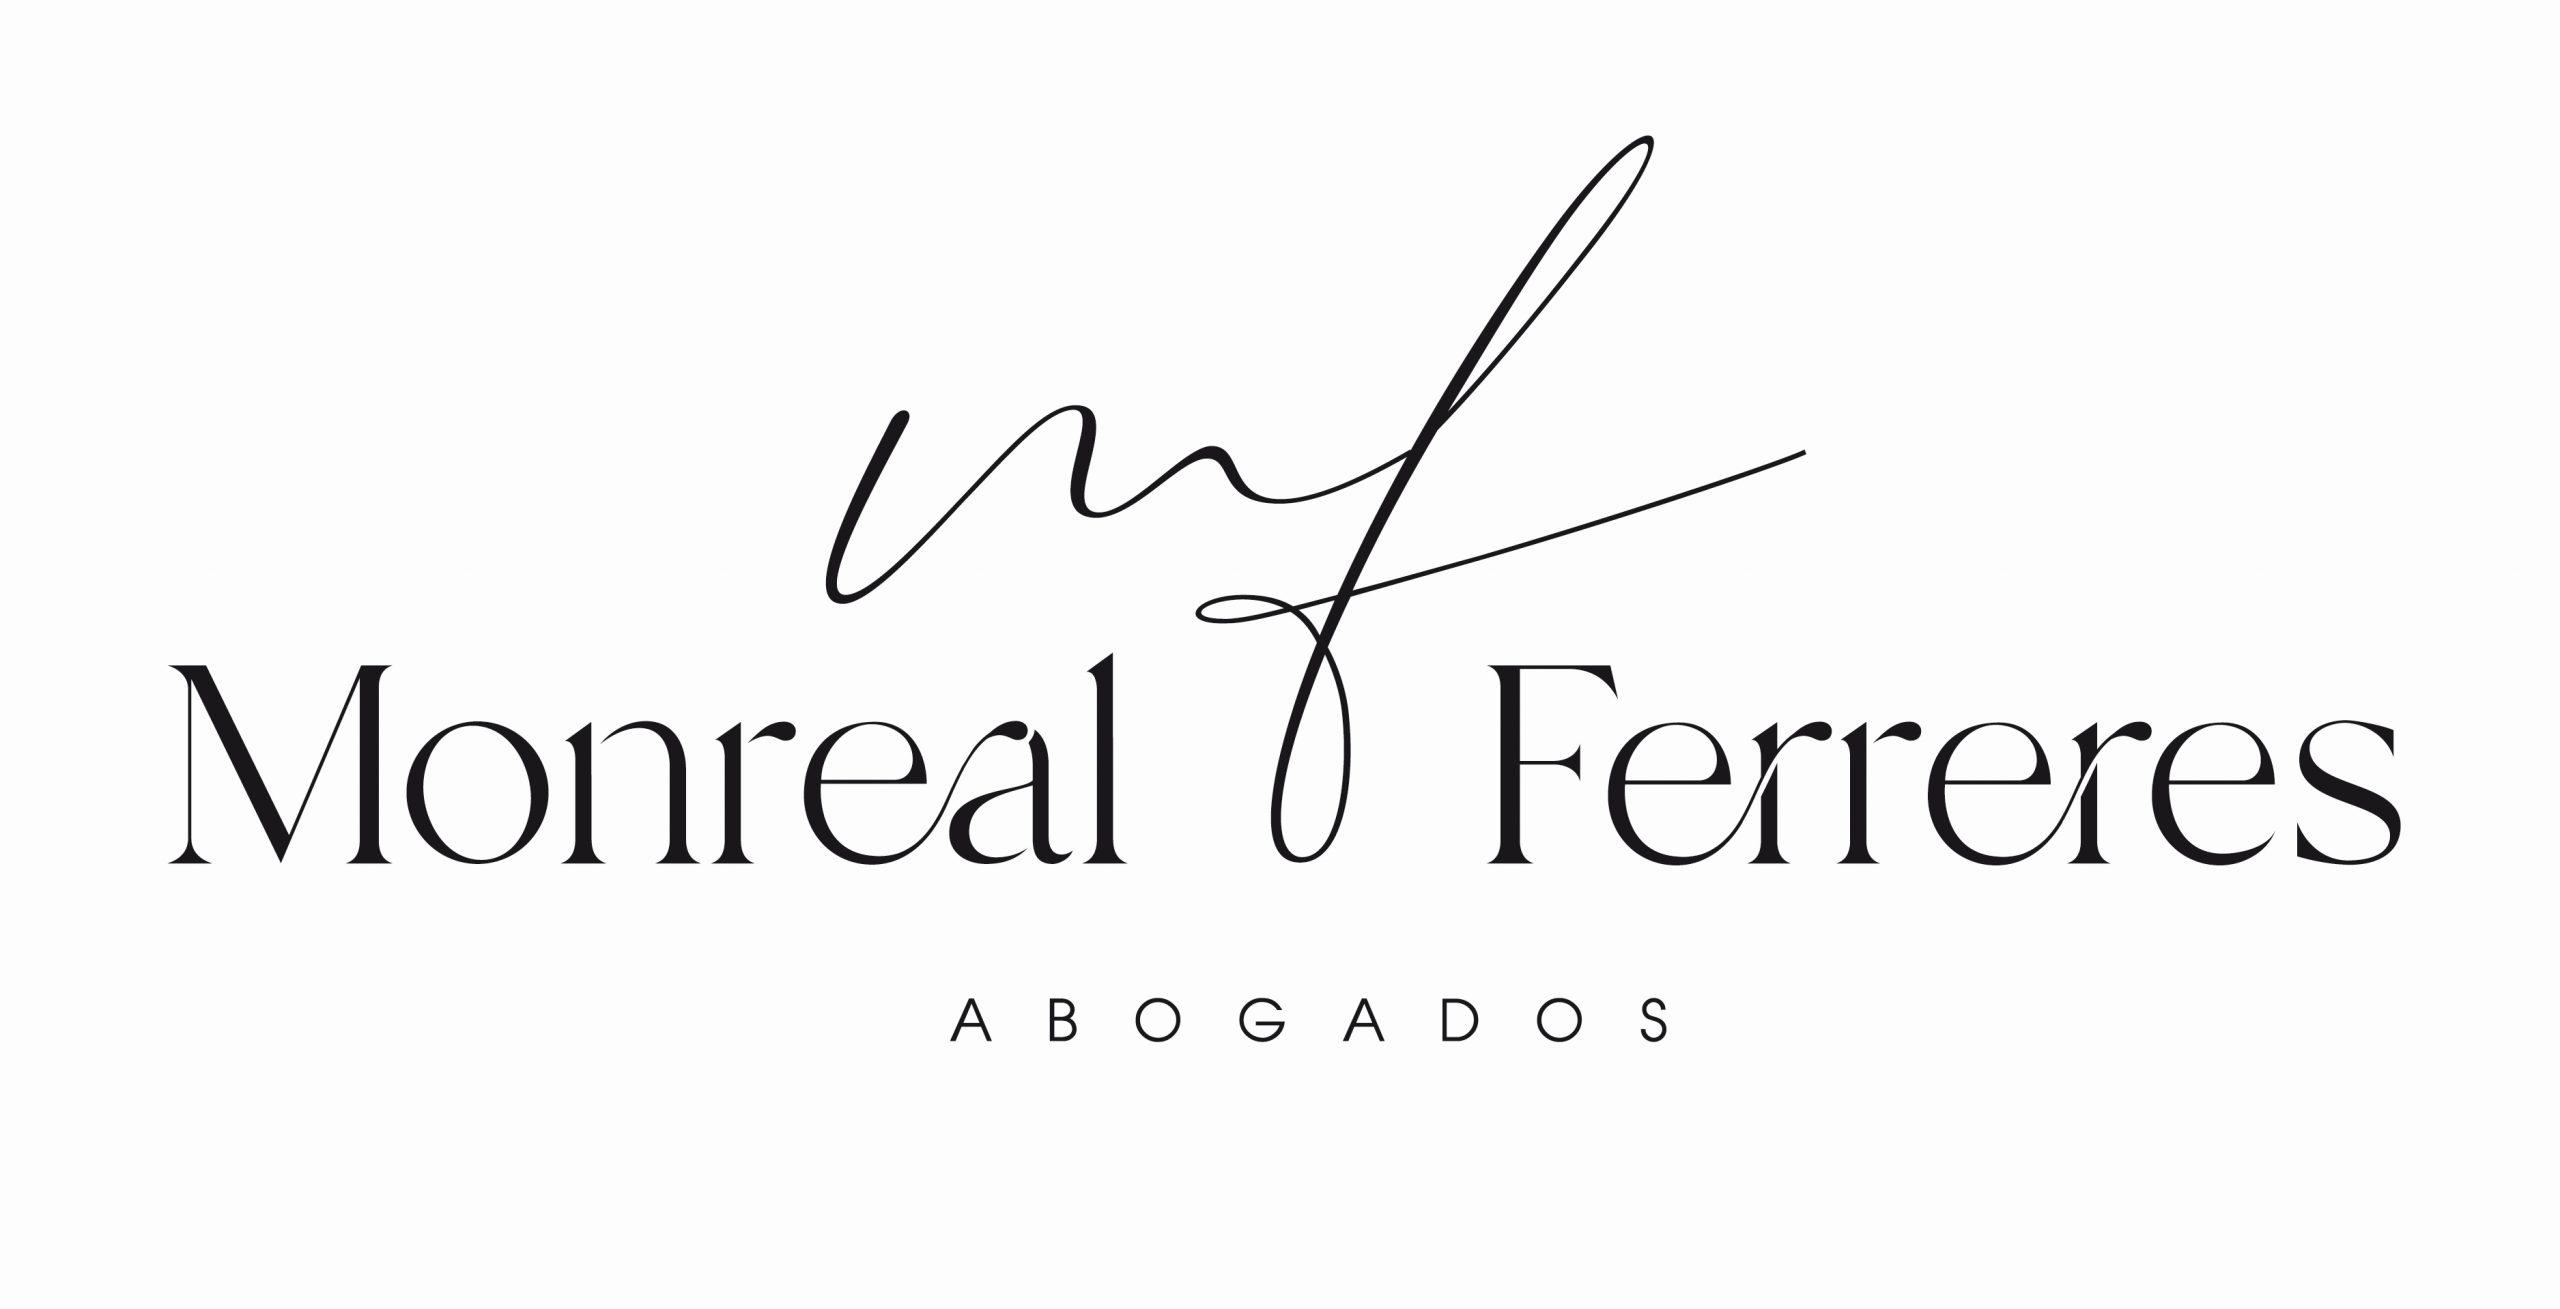 Monreal y Ferreres Abogados